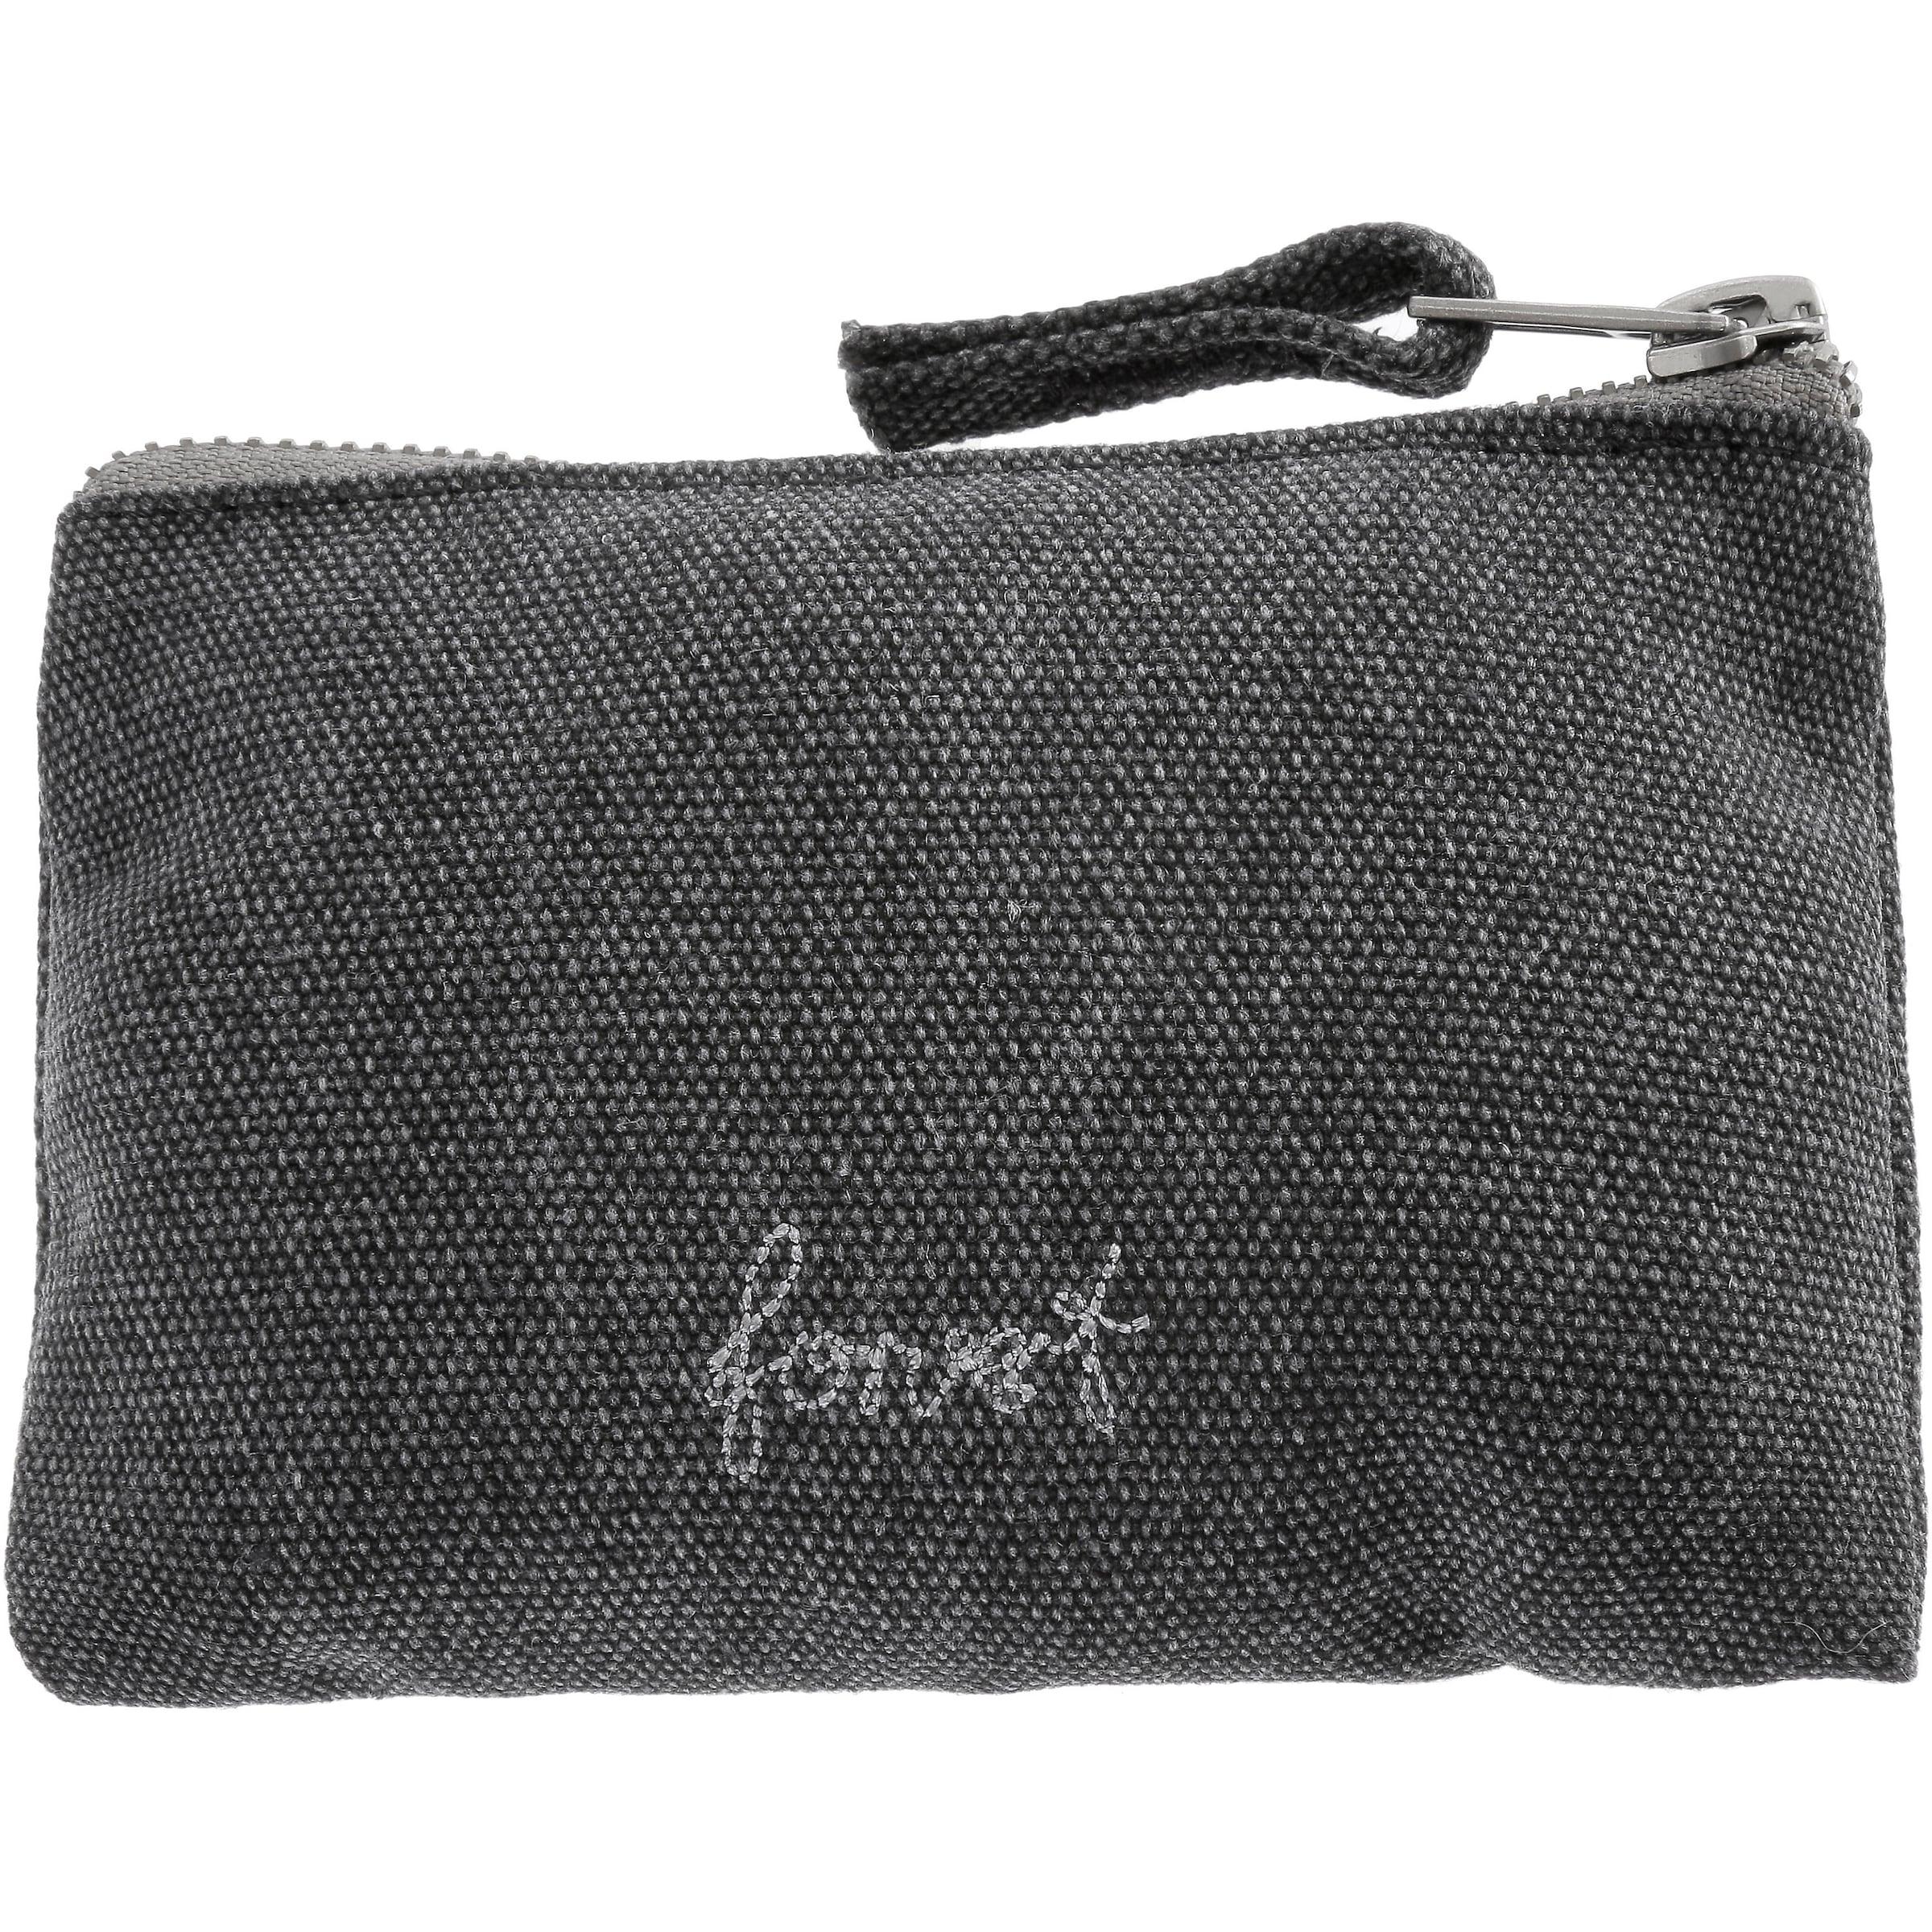 Forvert Forvert Charlie Daypack Bester Großhandelsverkauf Online hC0pVlu